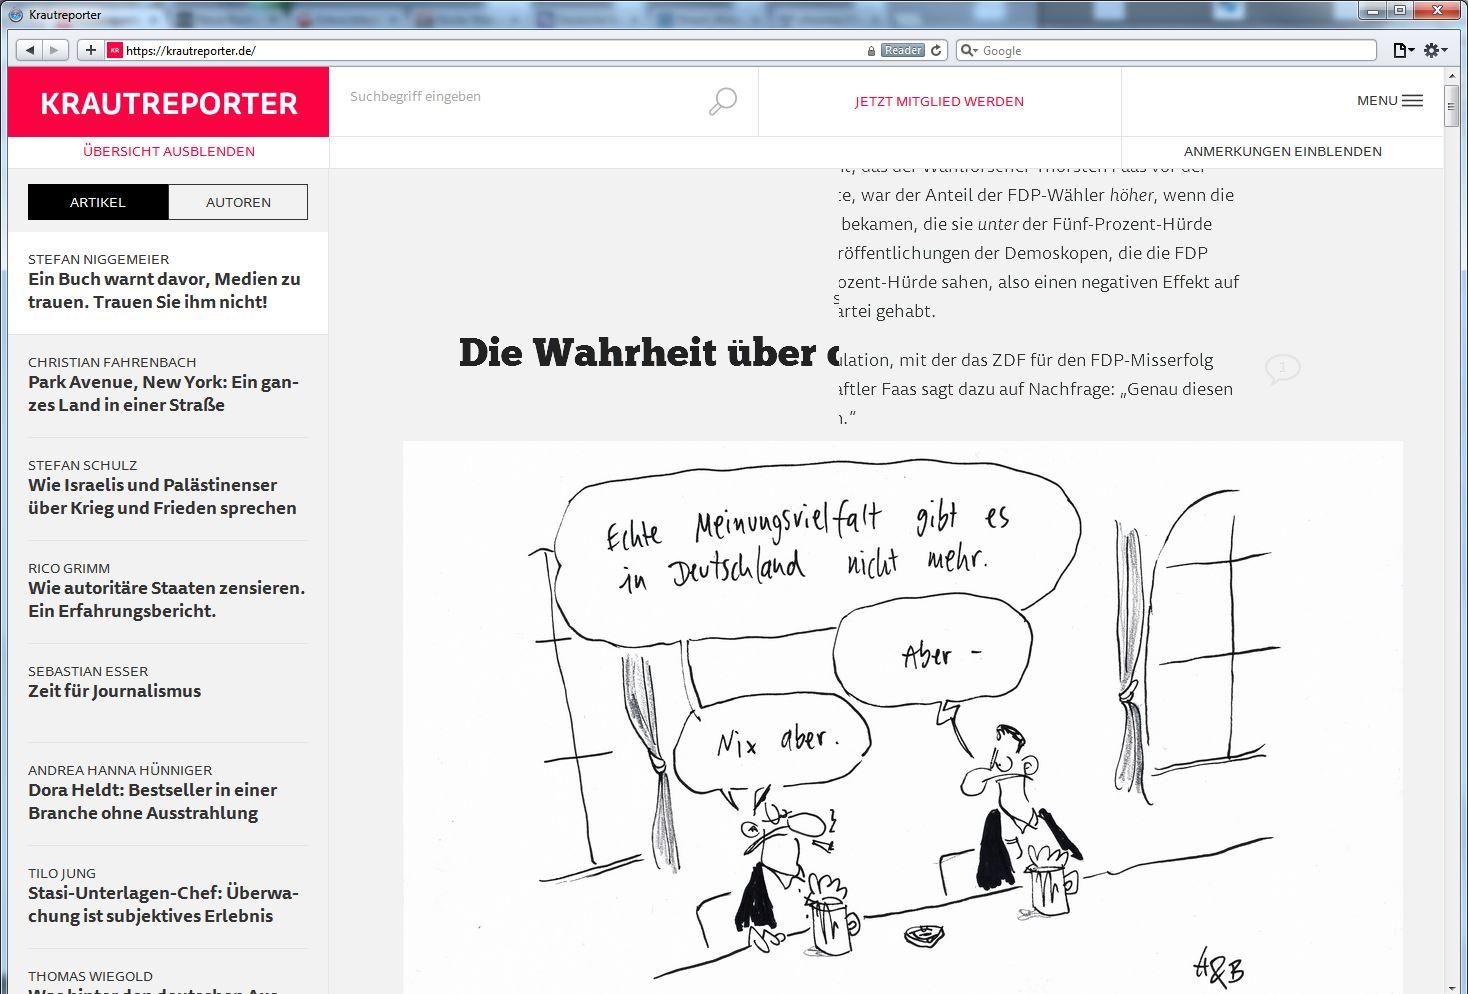 BrowserSchriftSafari